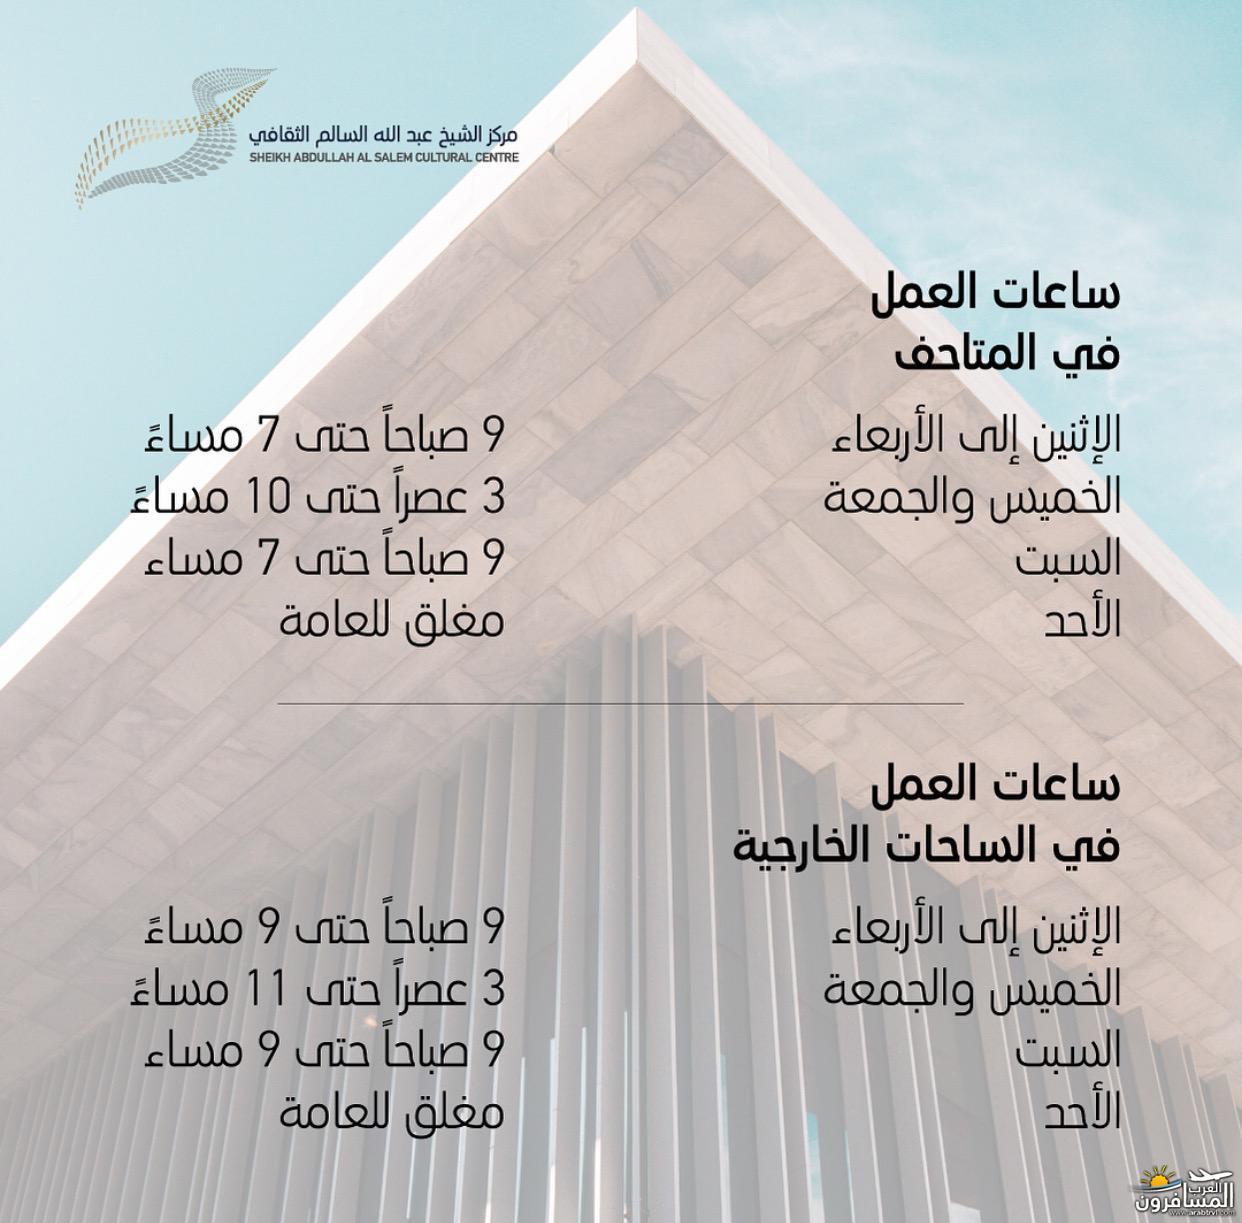 arabtrvl1530824927551.jpg